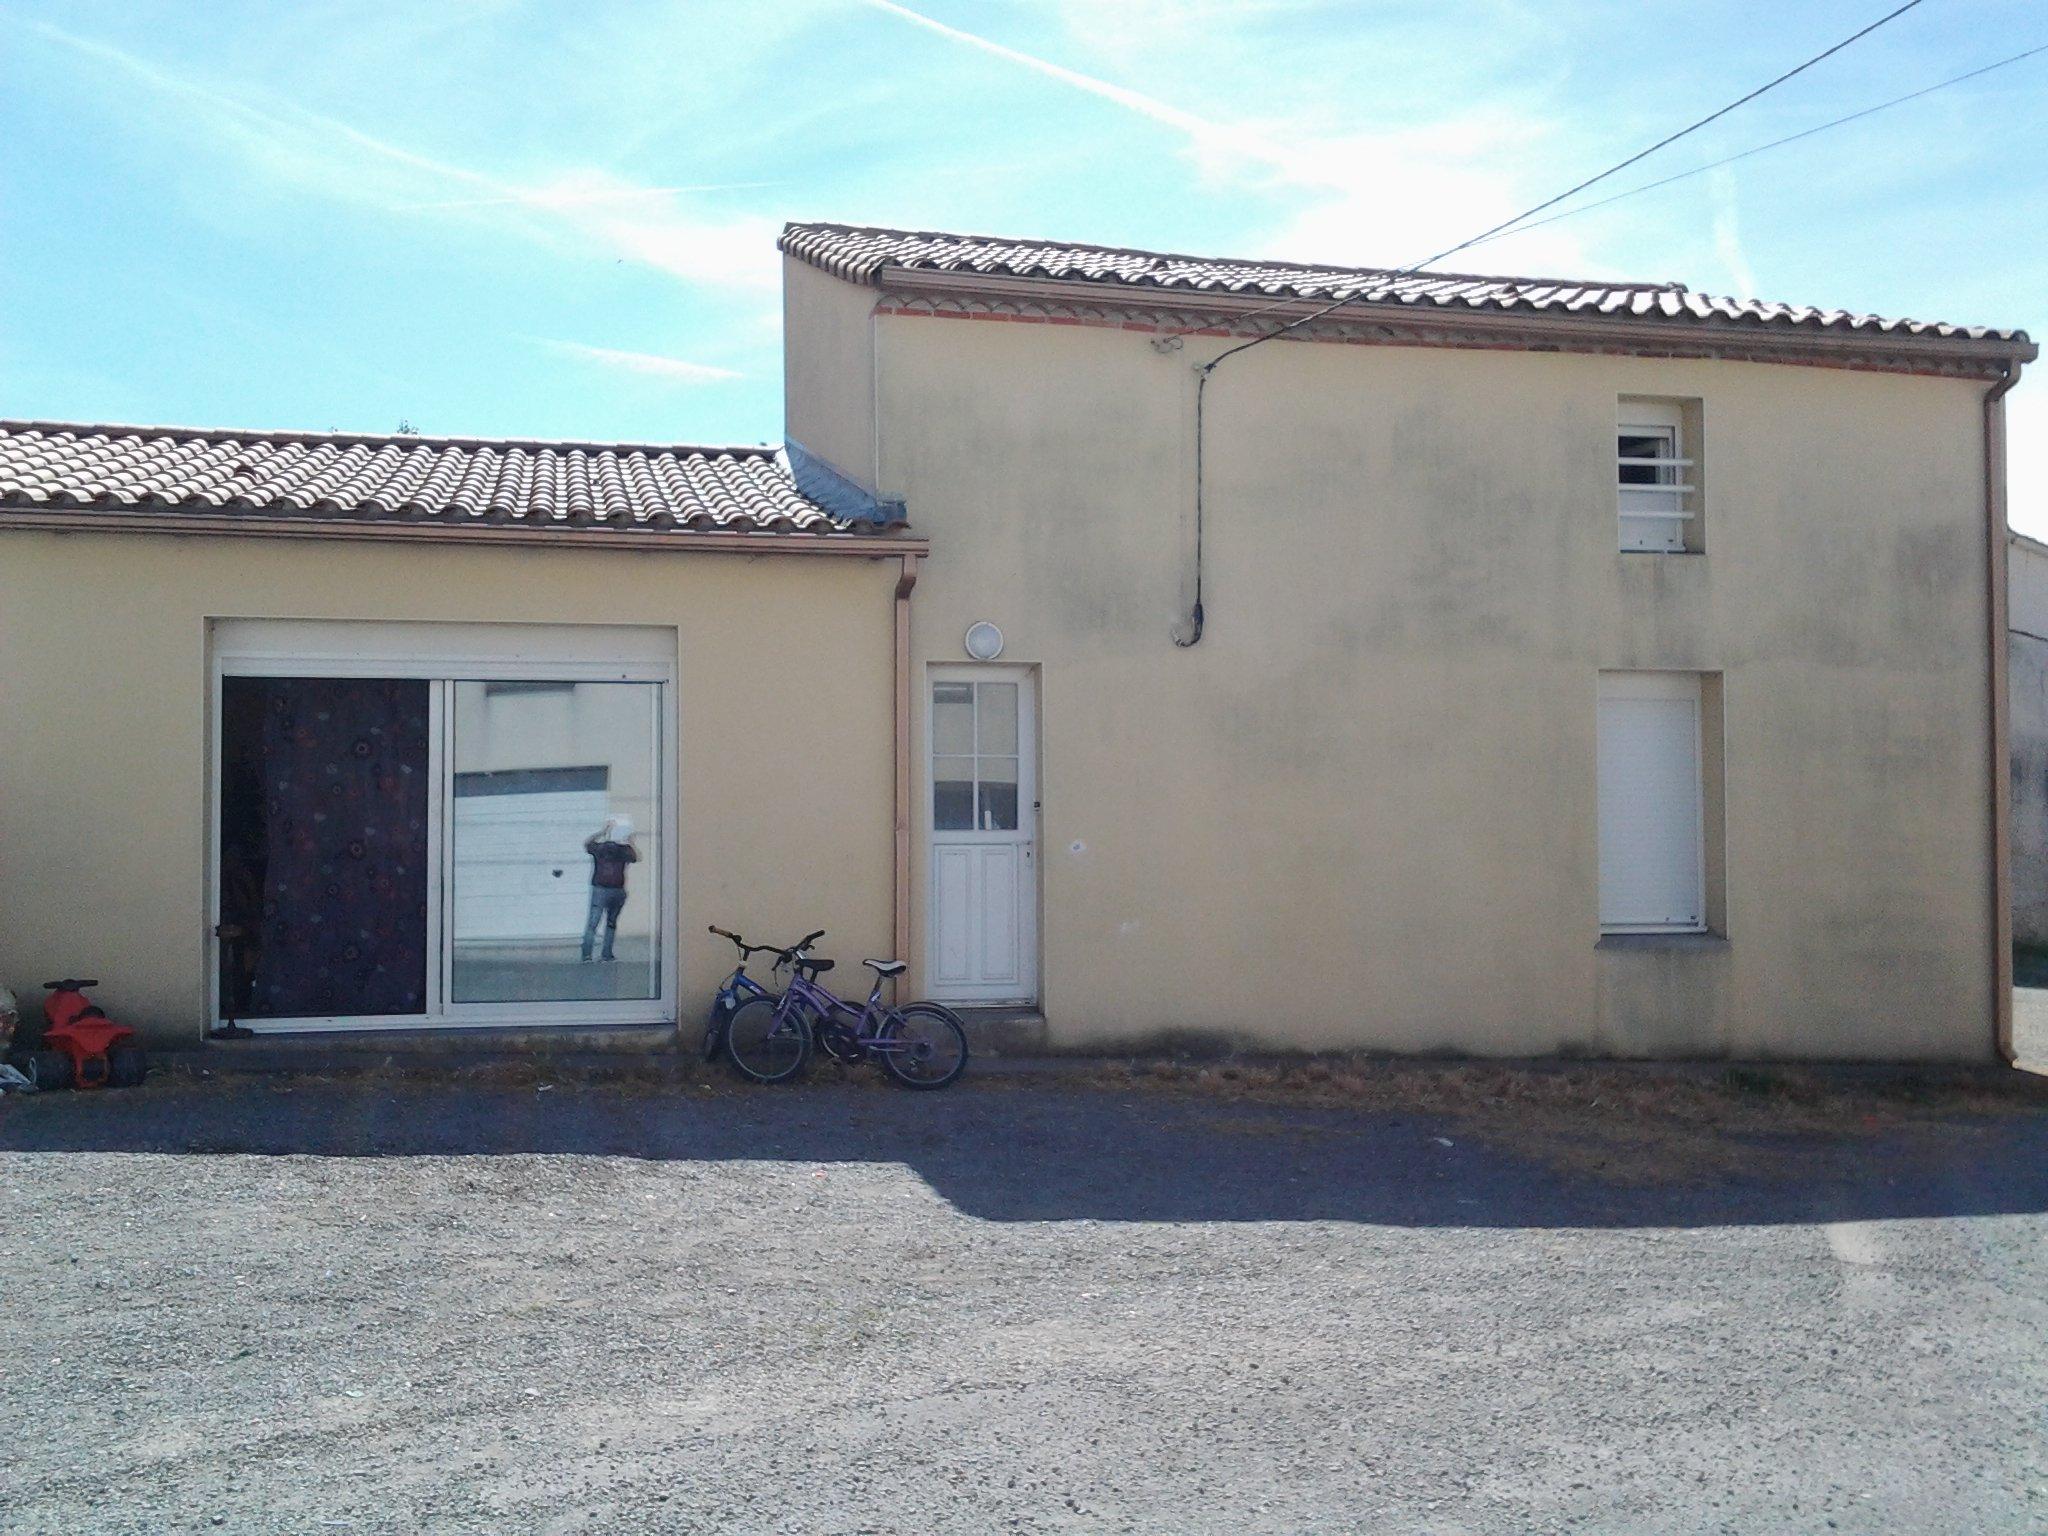 Vente Saint-Fulgent : Maison De 100 M² À Vendre À Saint ... dedans Piscine Saint Fulgent